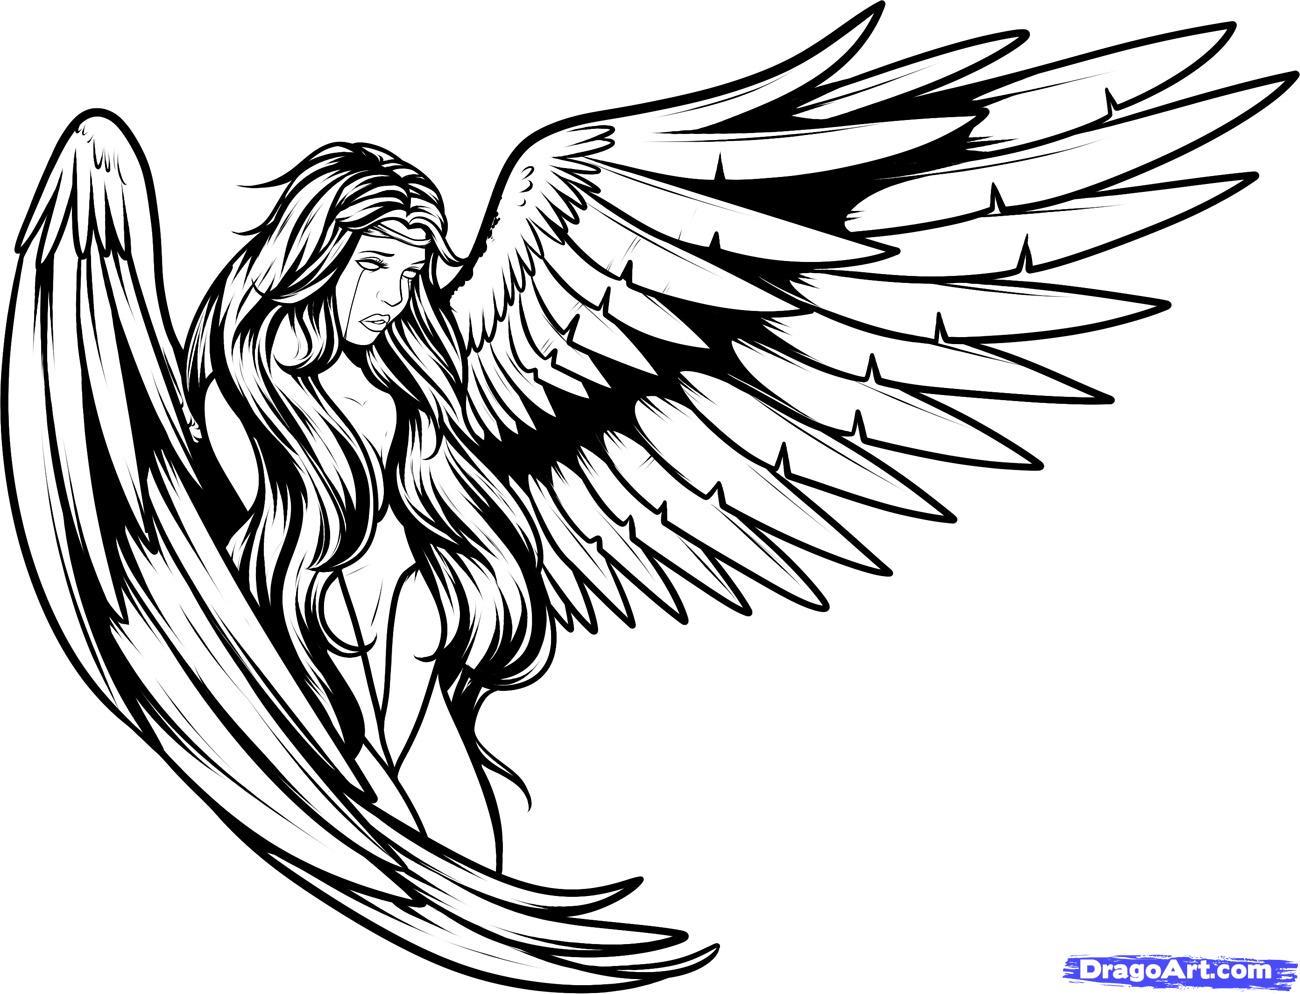 1300x994 Sketch Graffiti Angels Large Wings Angel Tattoo Design Tattoos